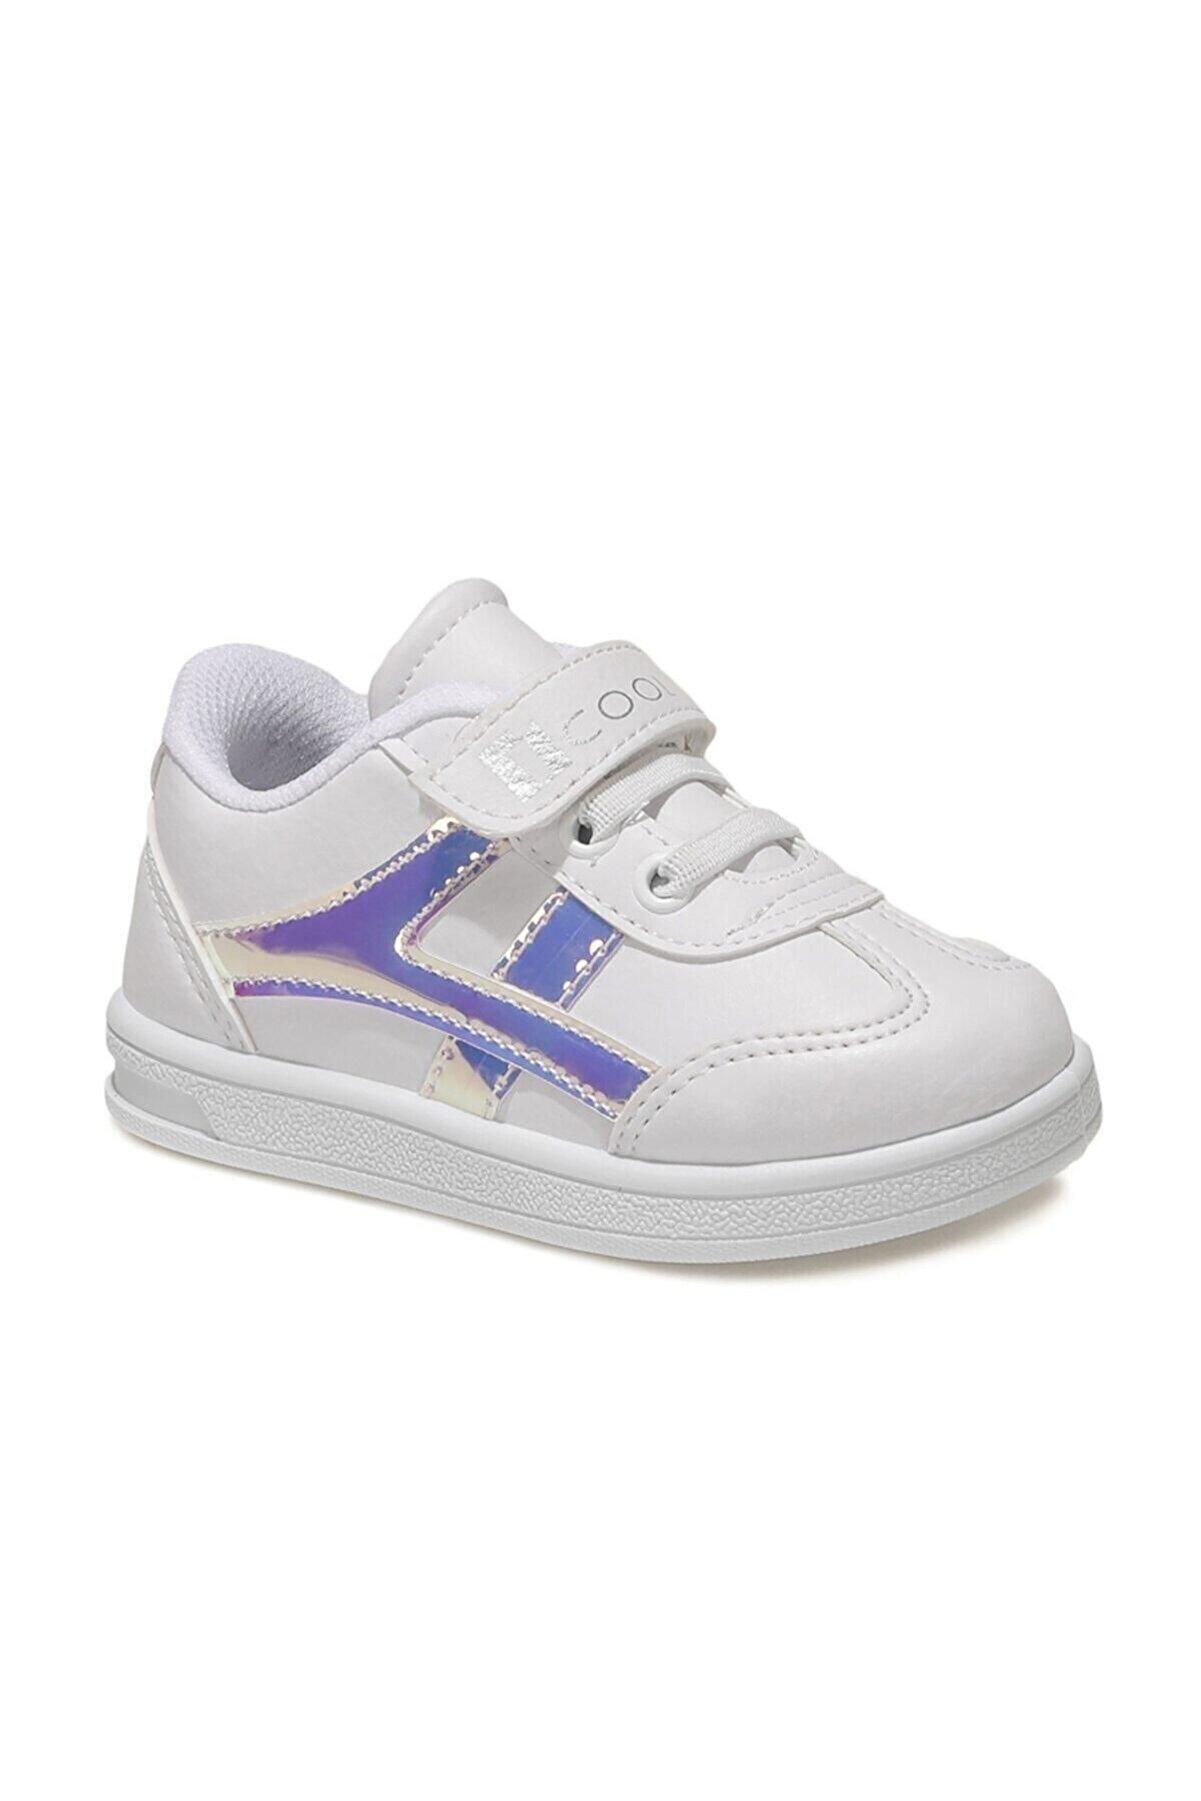 Icool SONSE Beyaz Kız Çocuk Sneaker Ayakkabı 100664281